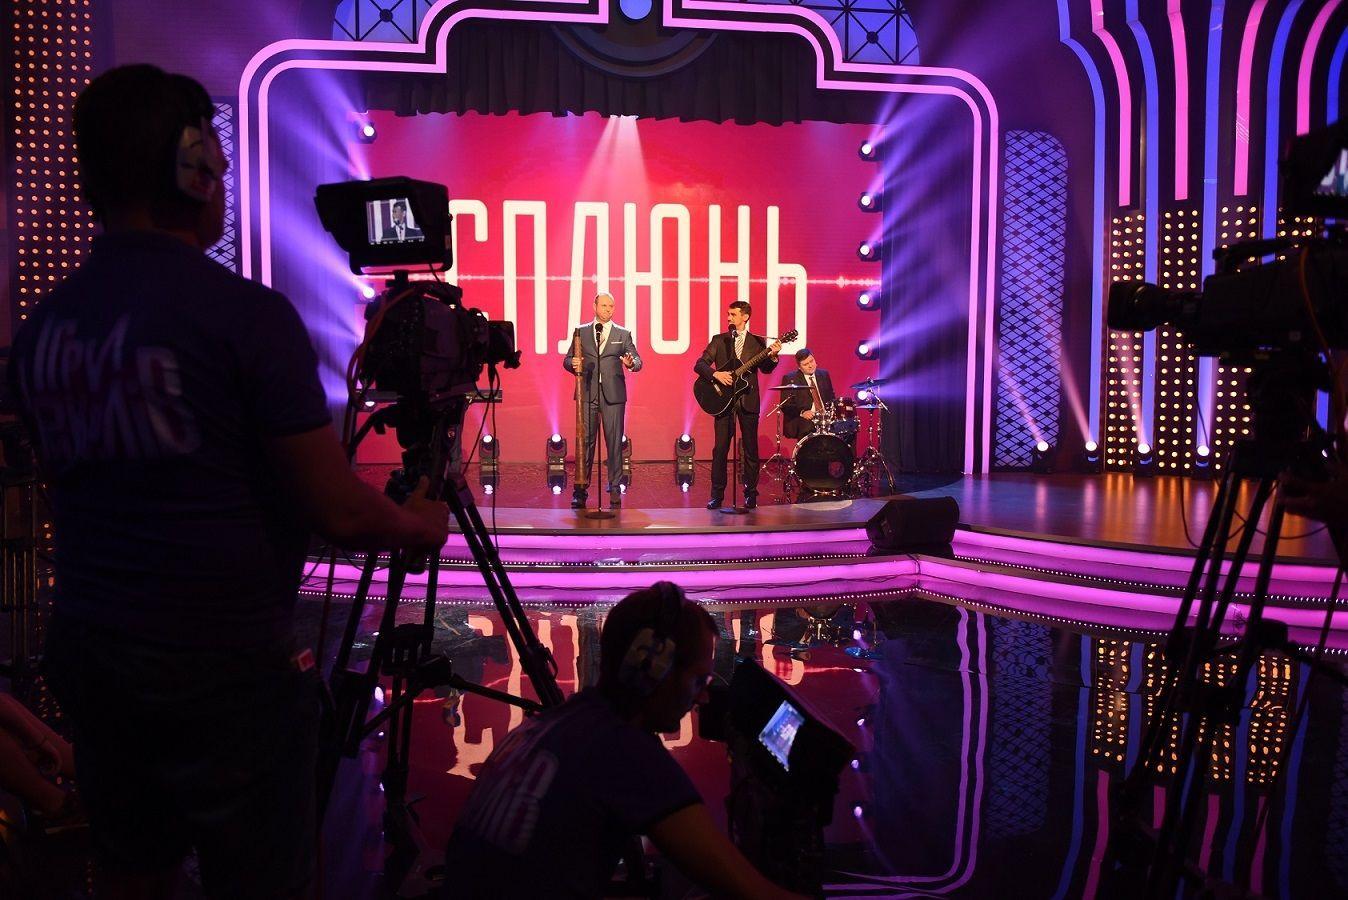 """Нове гумористичне шоу """"Кварталу 95""""_3"""